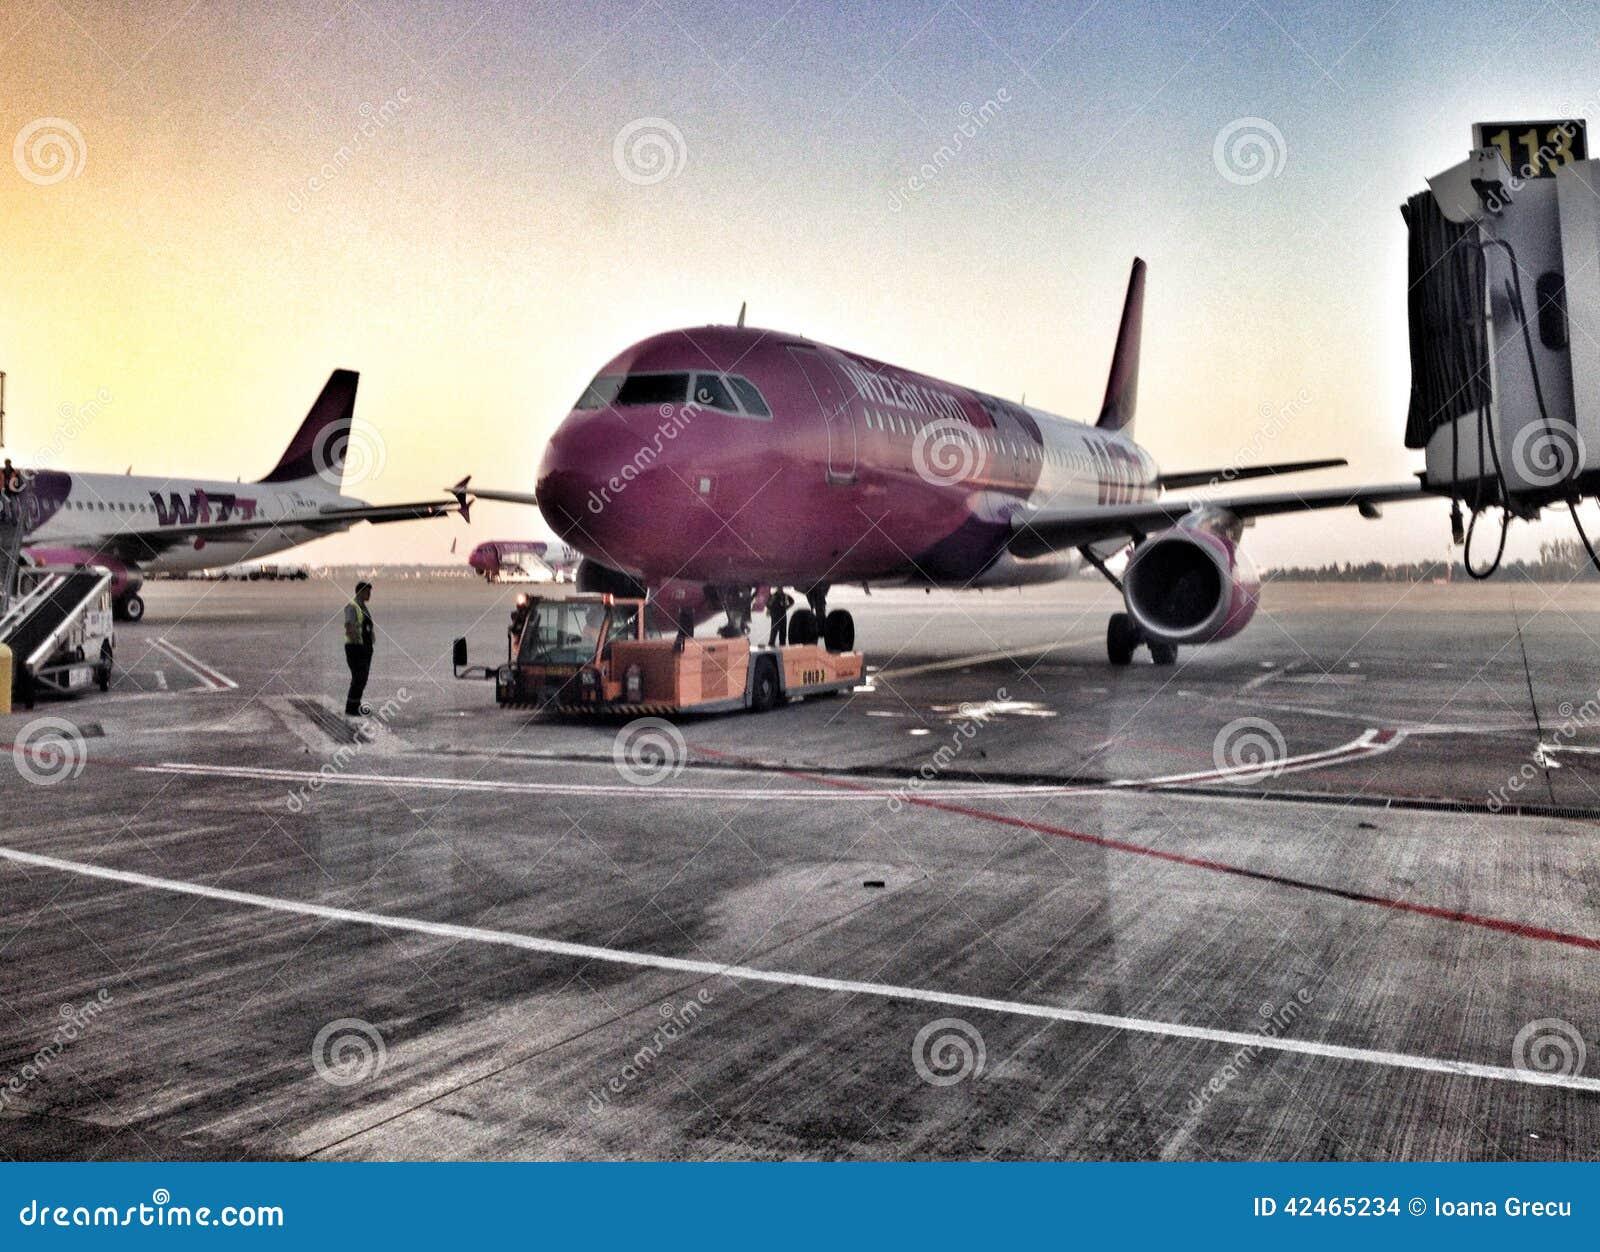 Wizz Air planieren am Einstiegtor